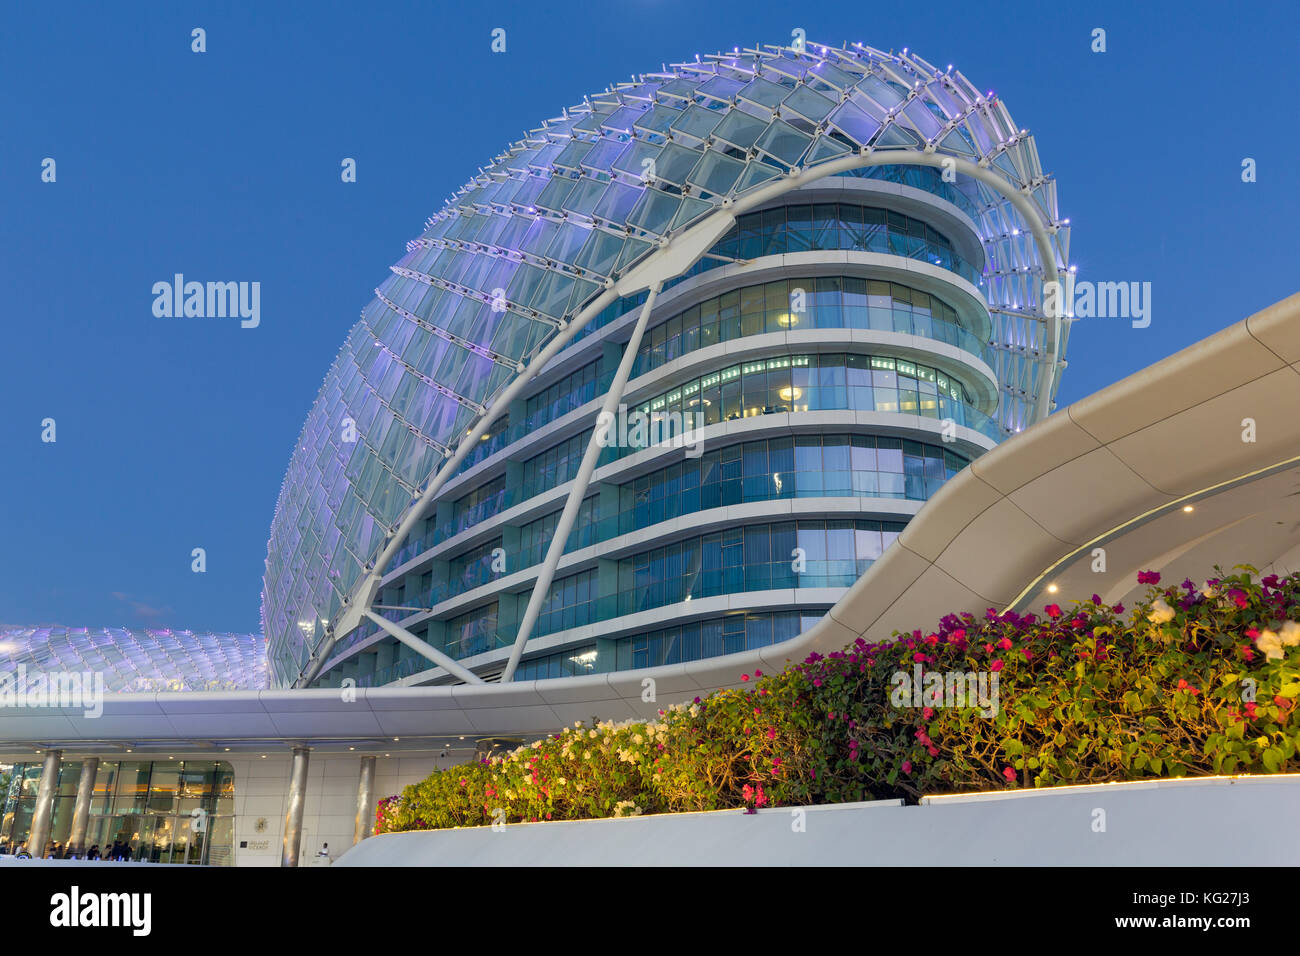 Yas Marina Hotel, Yas Island, Abu Dhabi, Vereinigte Arabische Emirate, Naher Osten Stockbild